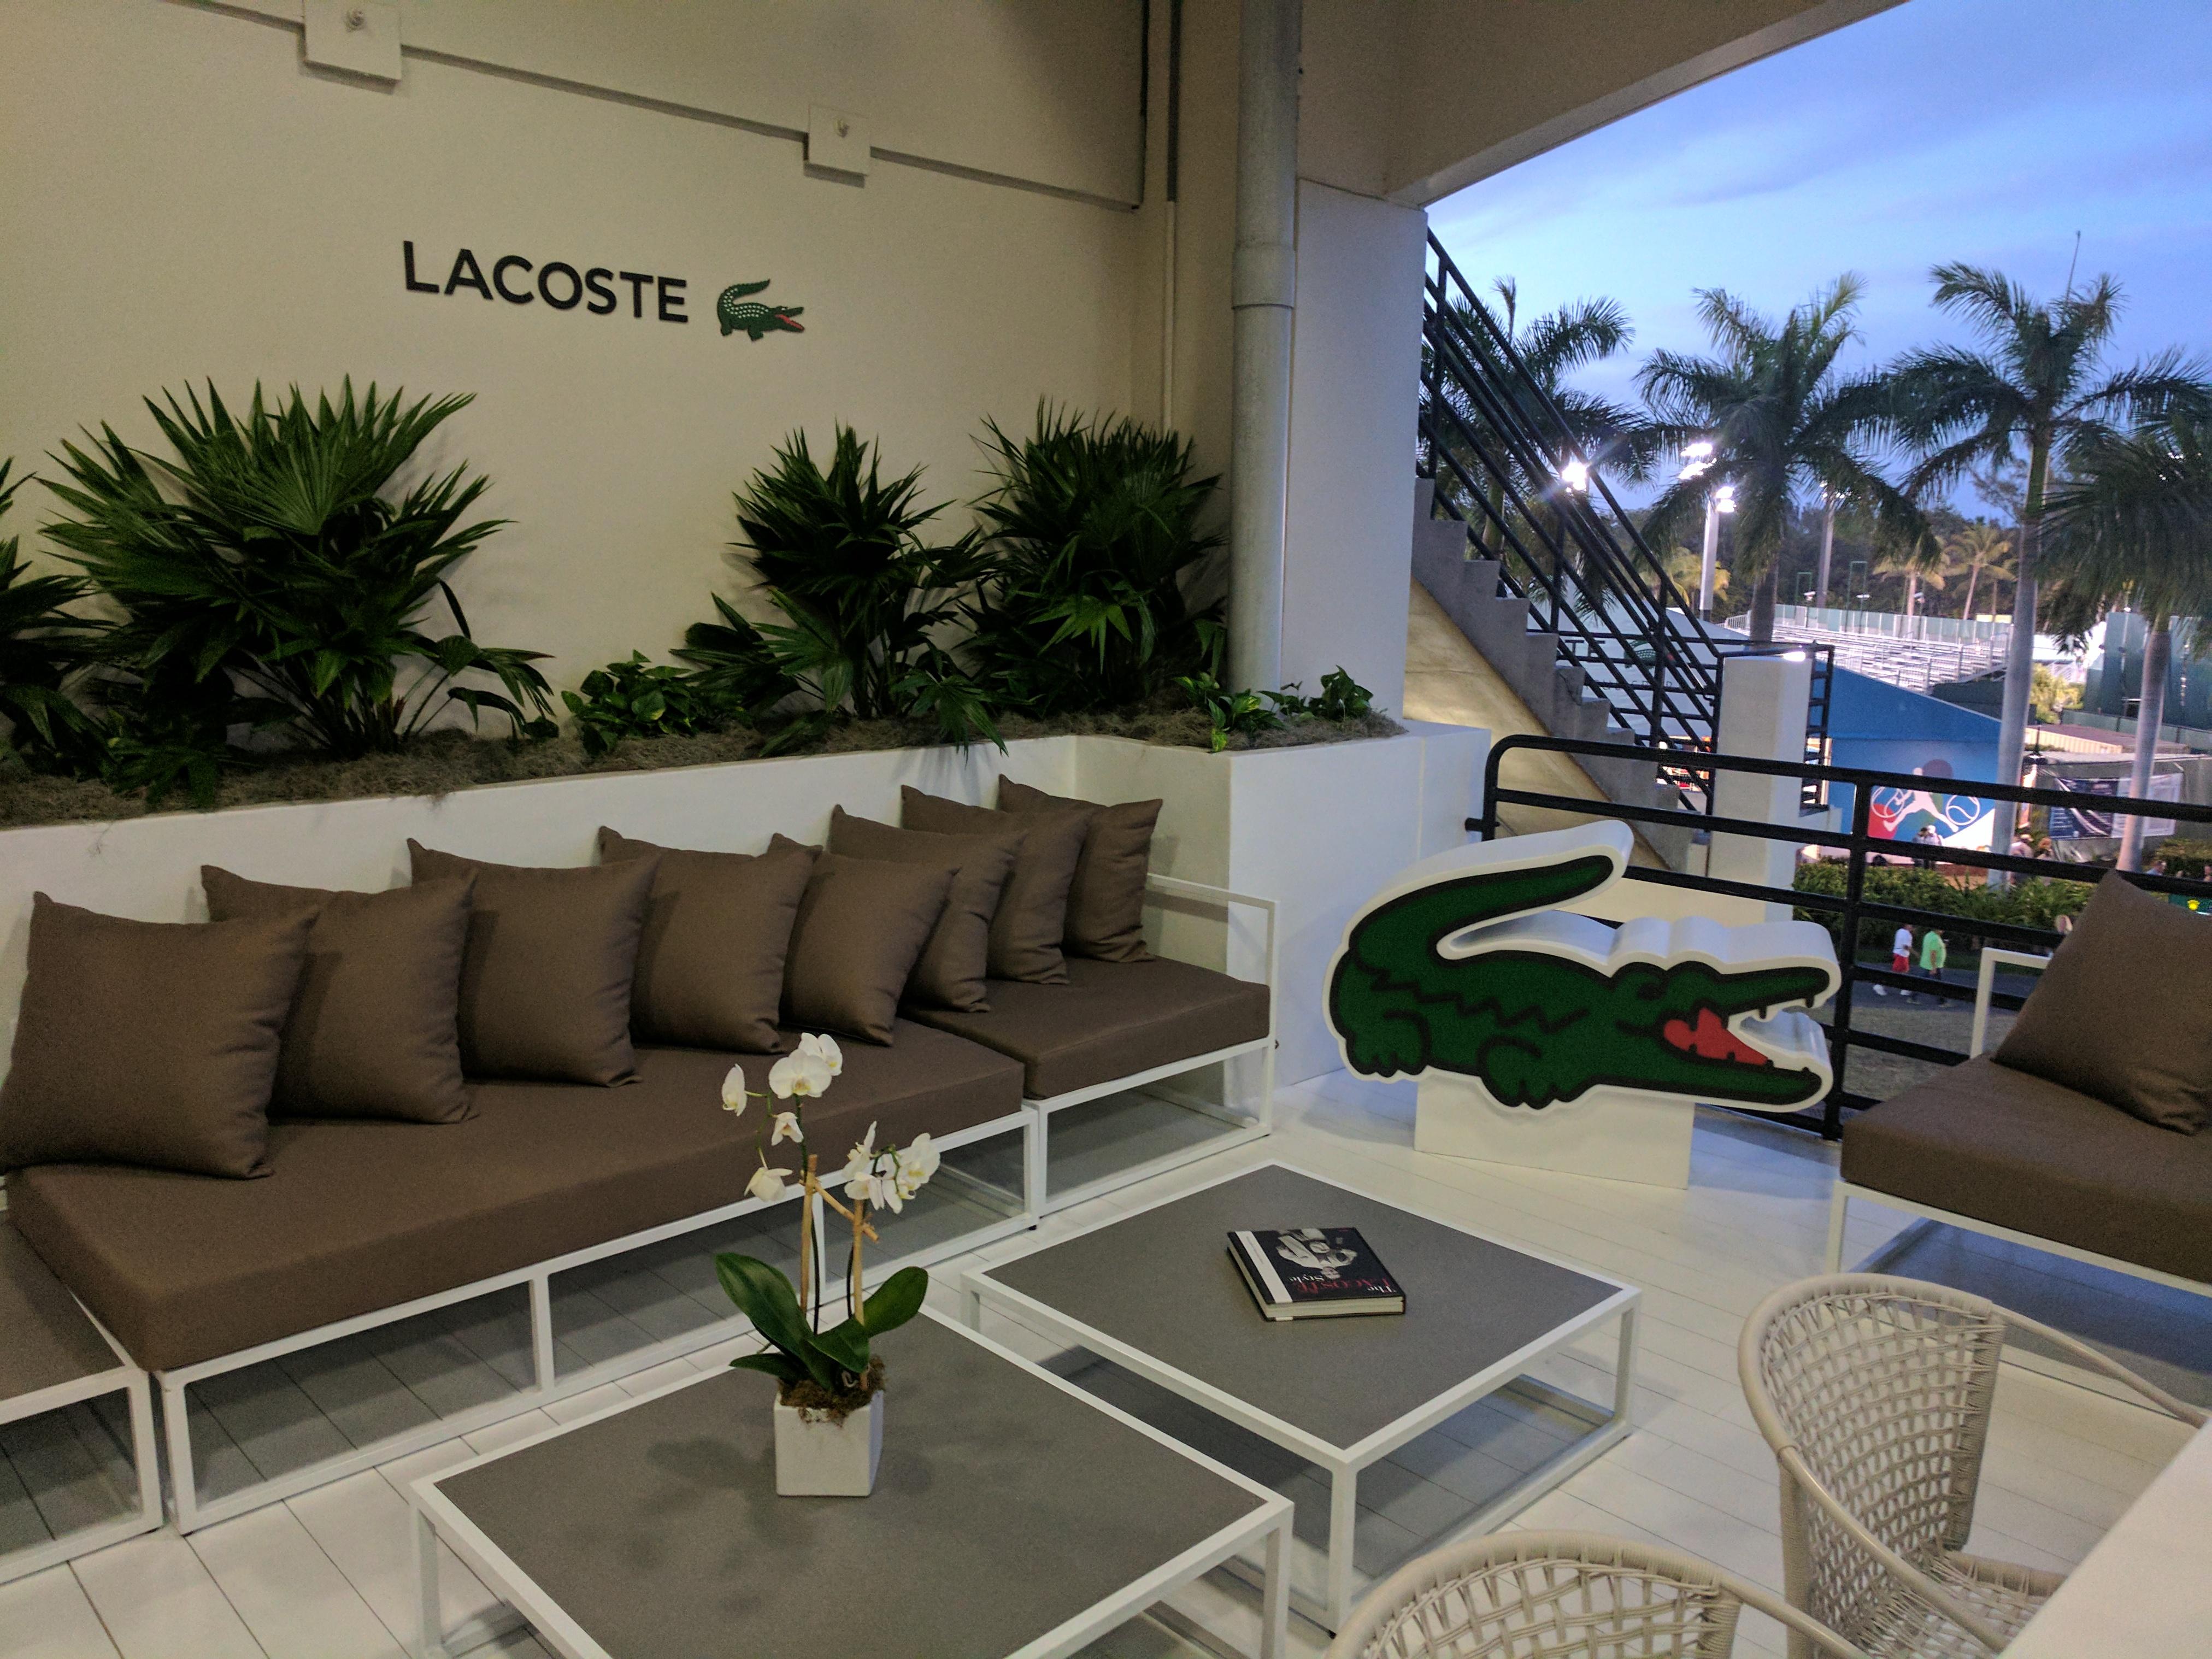 Miami Open 2017: Inside Lacoste VIP Suite